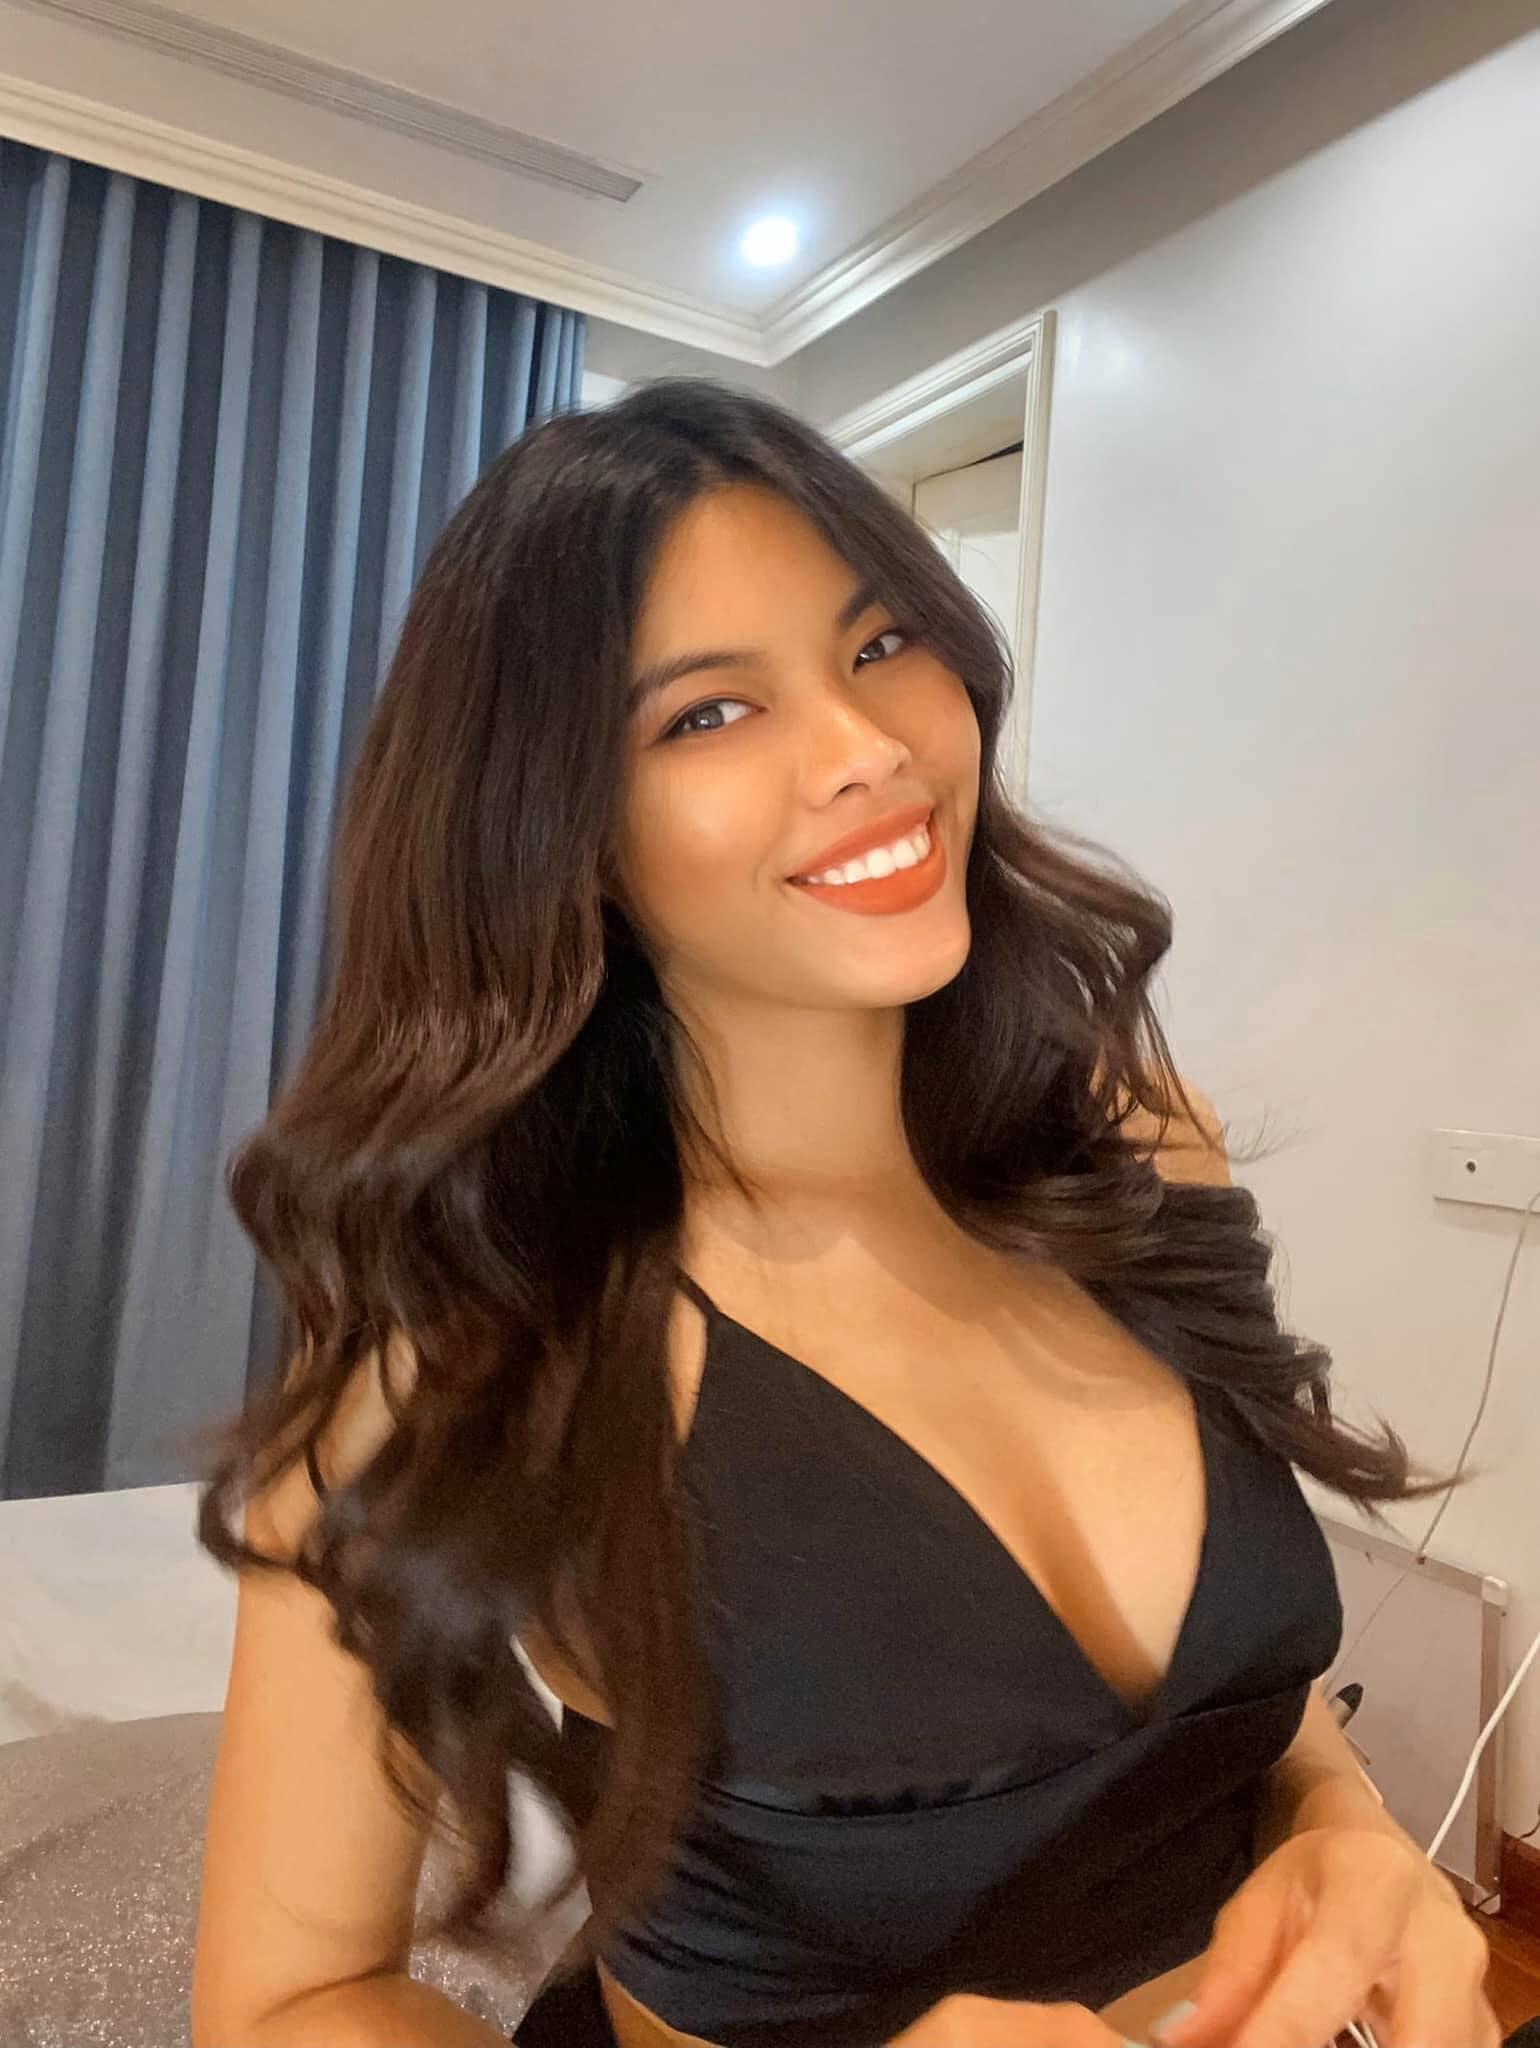 Nhân vật đầm đỏ sexy tại show Đỗ Long: Từng thi HHHV 2019, đúng chuẩn da nâu - môi dày, gu thời trang cũng táo bạo chẳng thua ai - Ảnh 4.